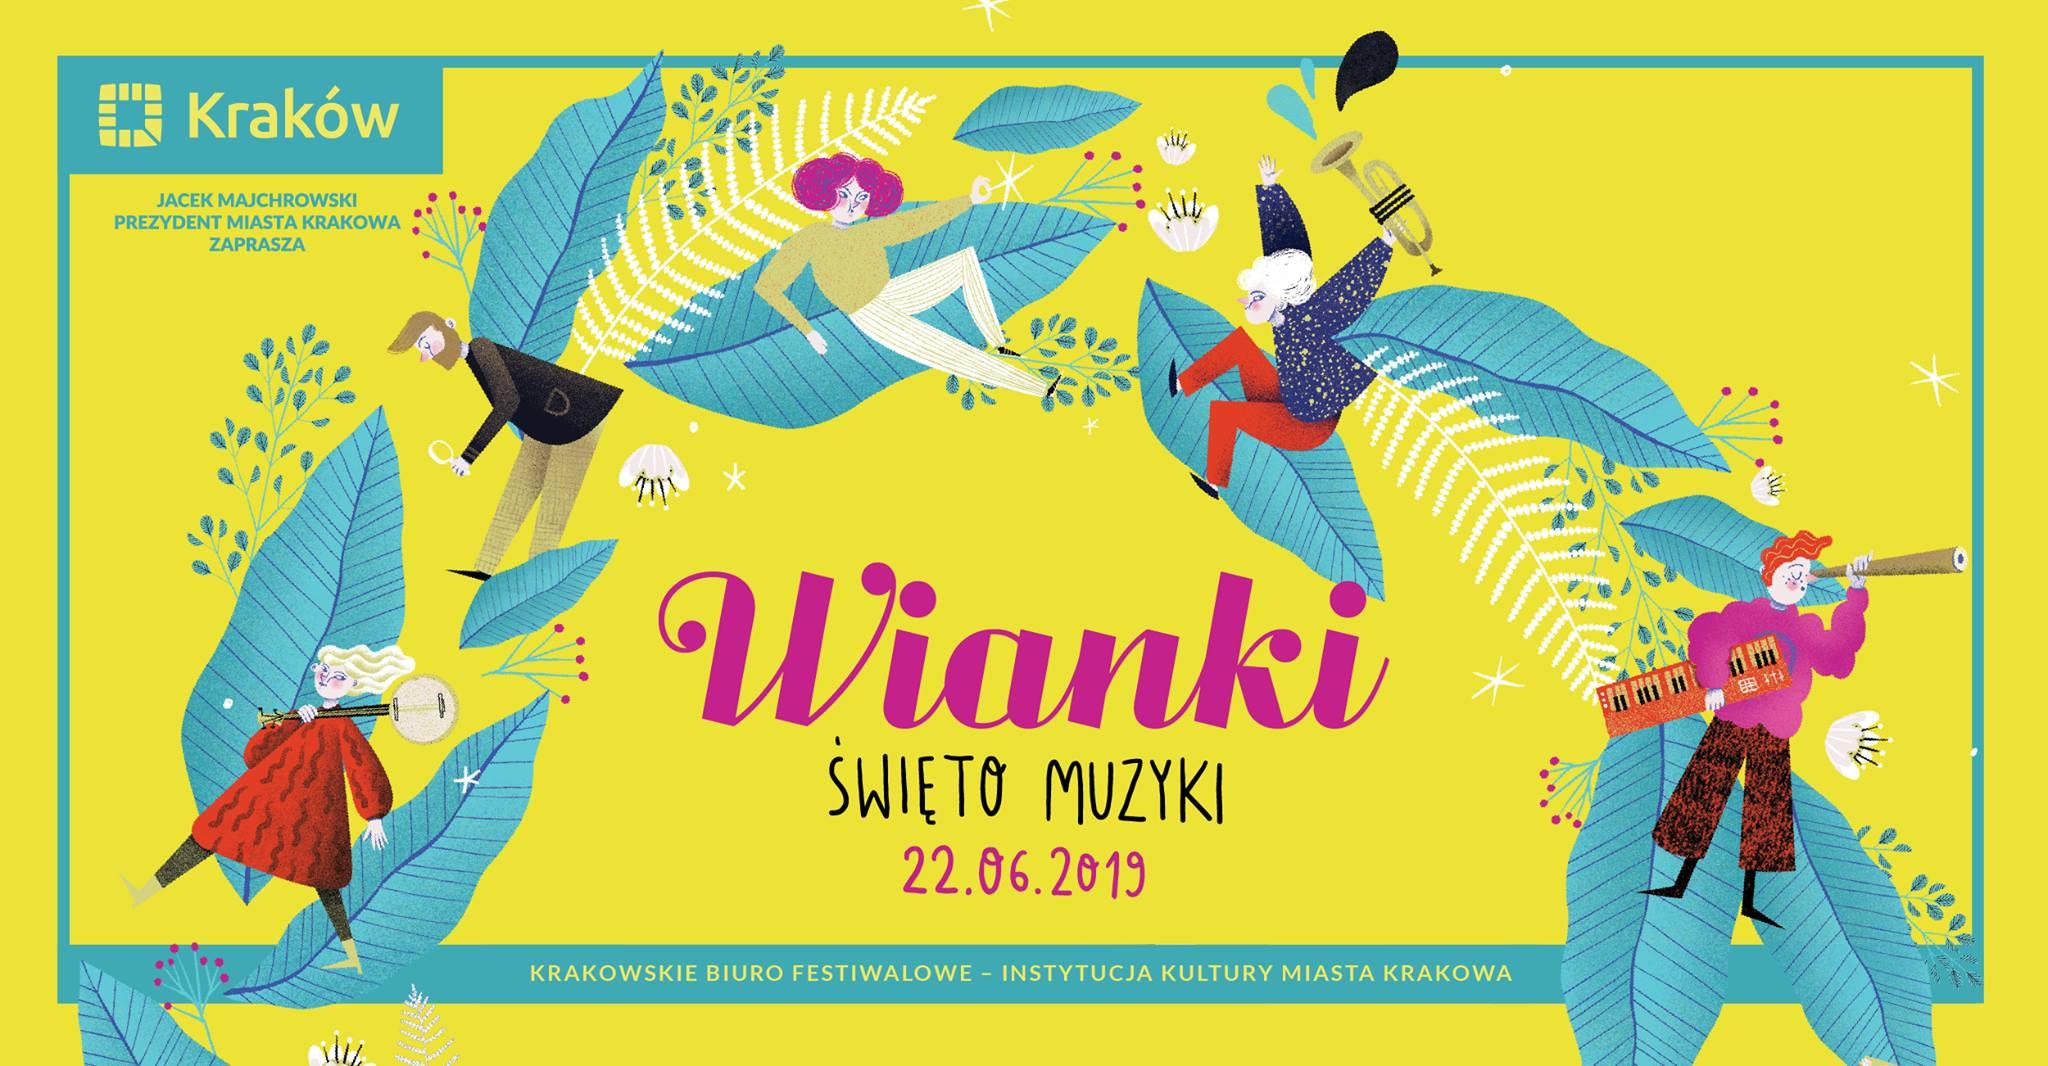 Wianki - święto muzyki w Krakowie